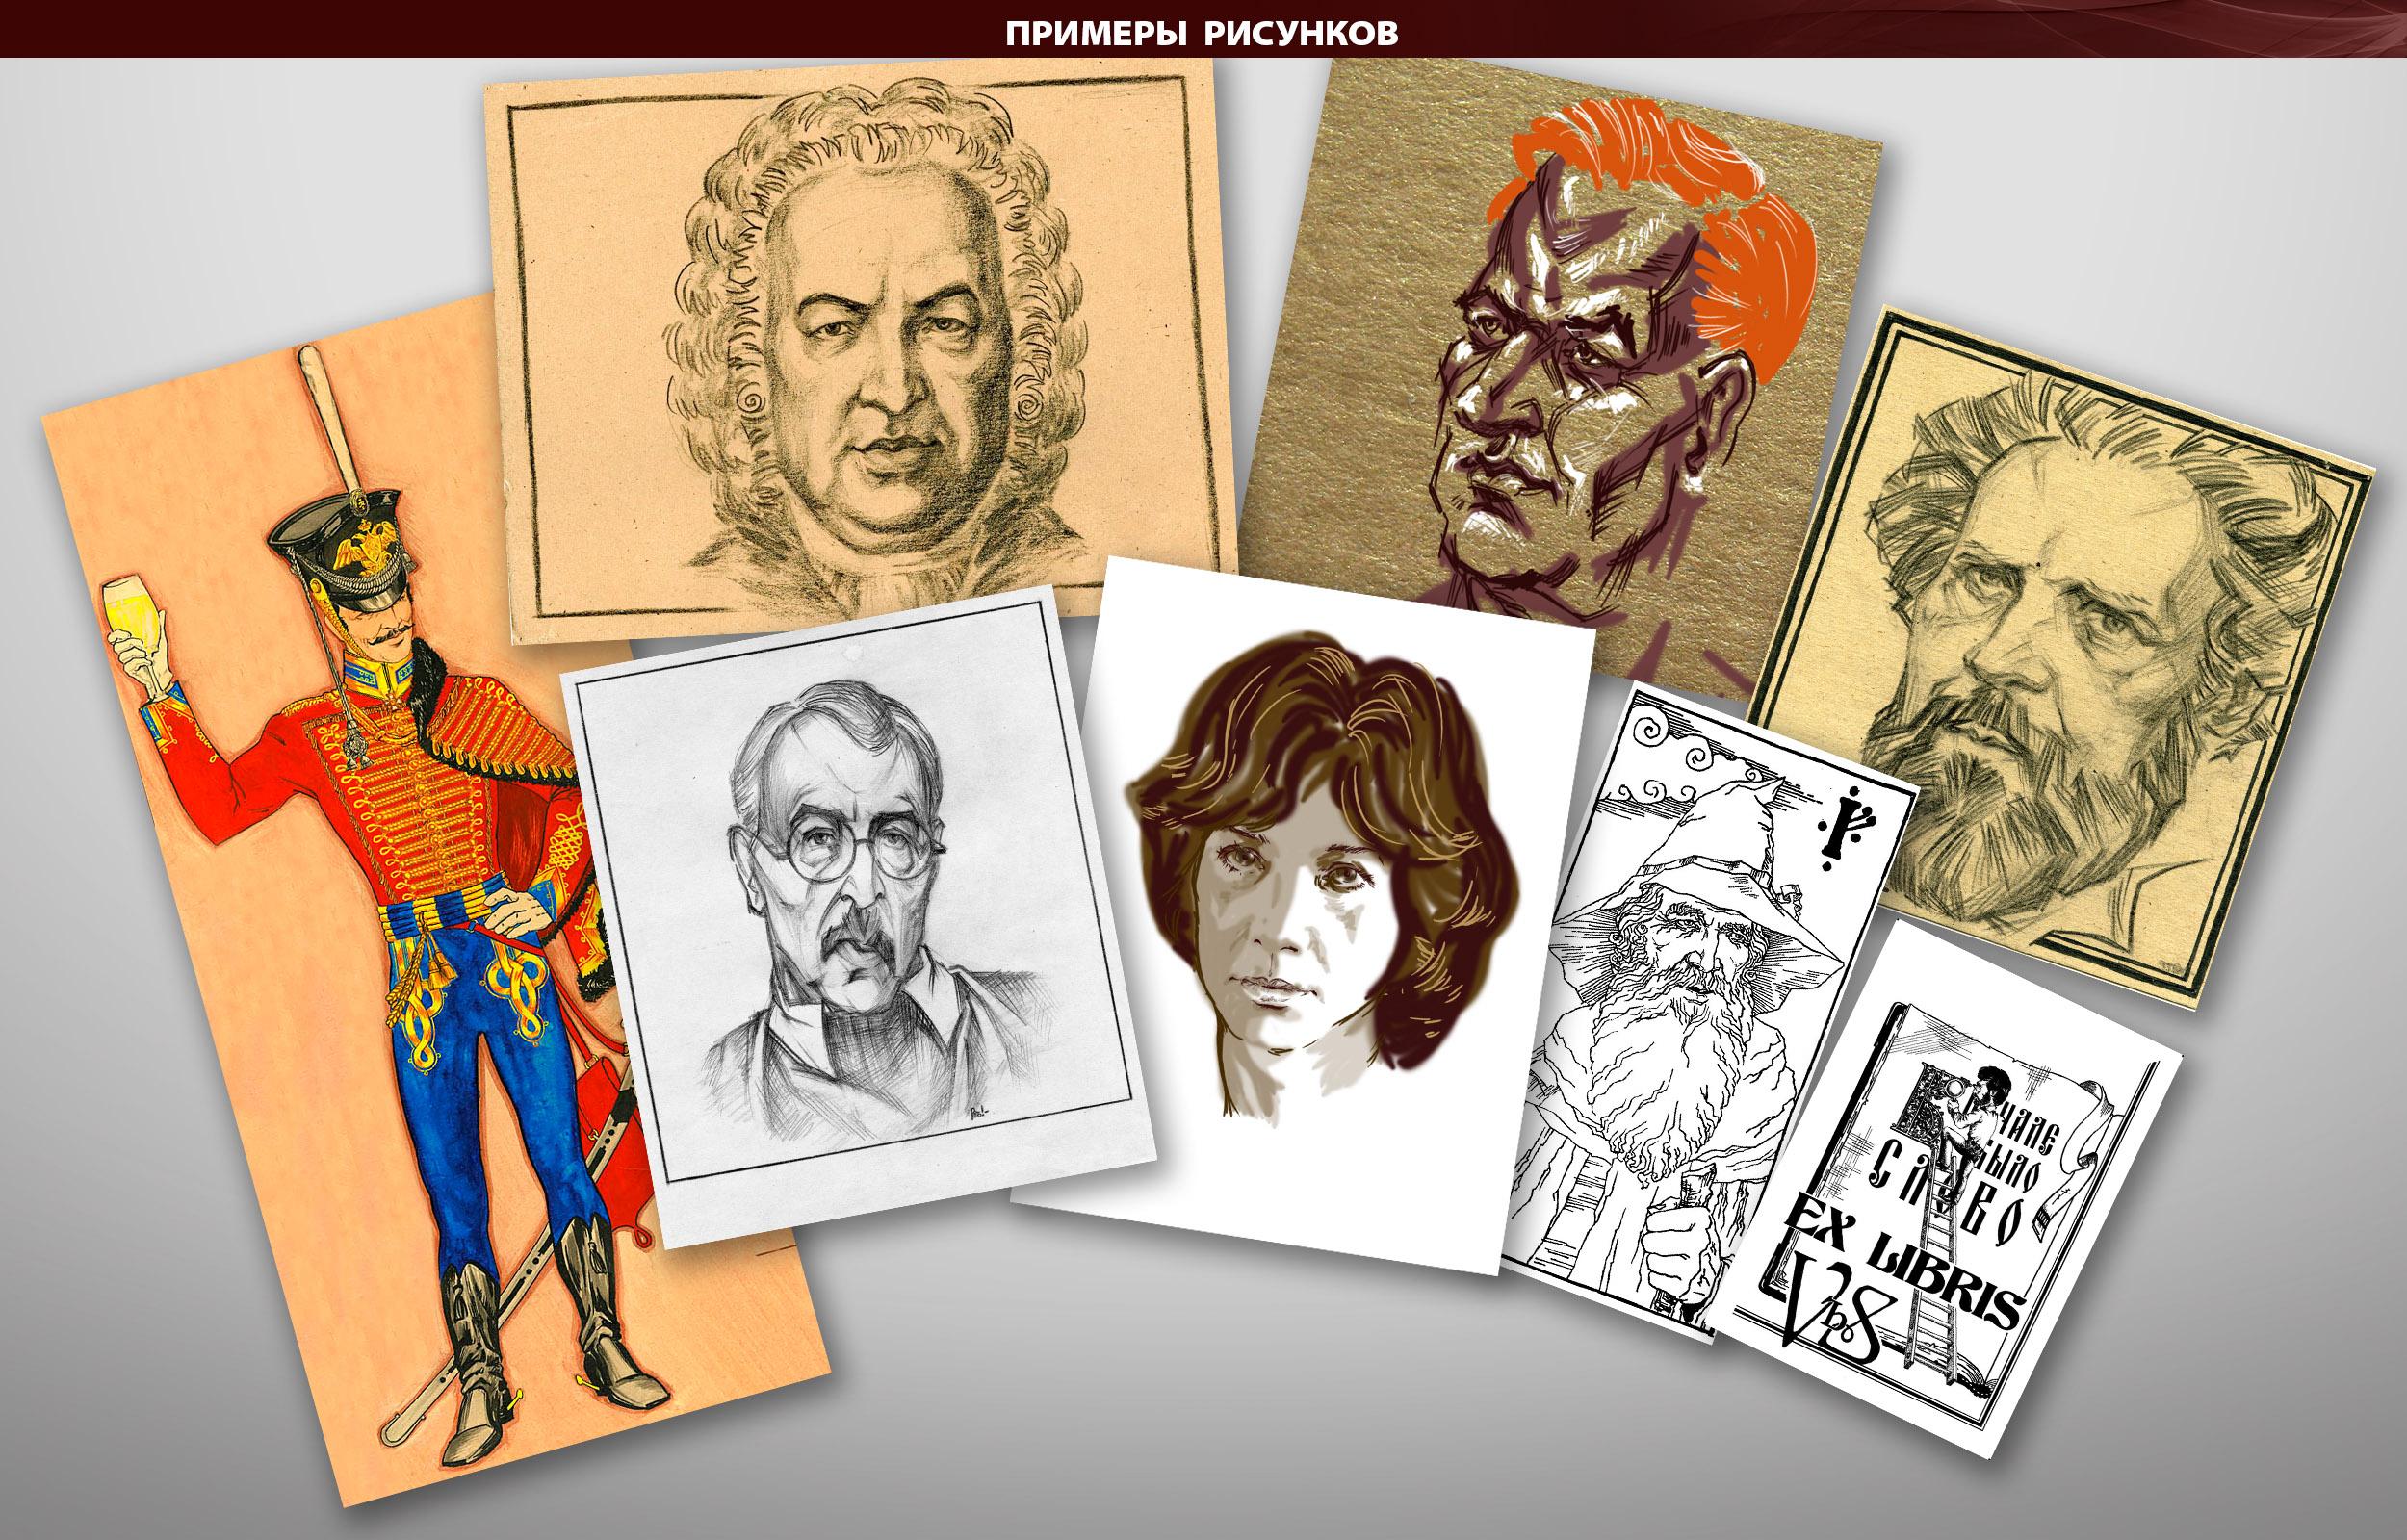 Примеры рисунков (акварель, перо, карандаш, графический планшет)